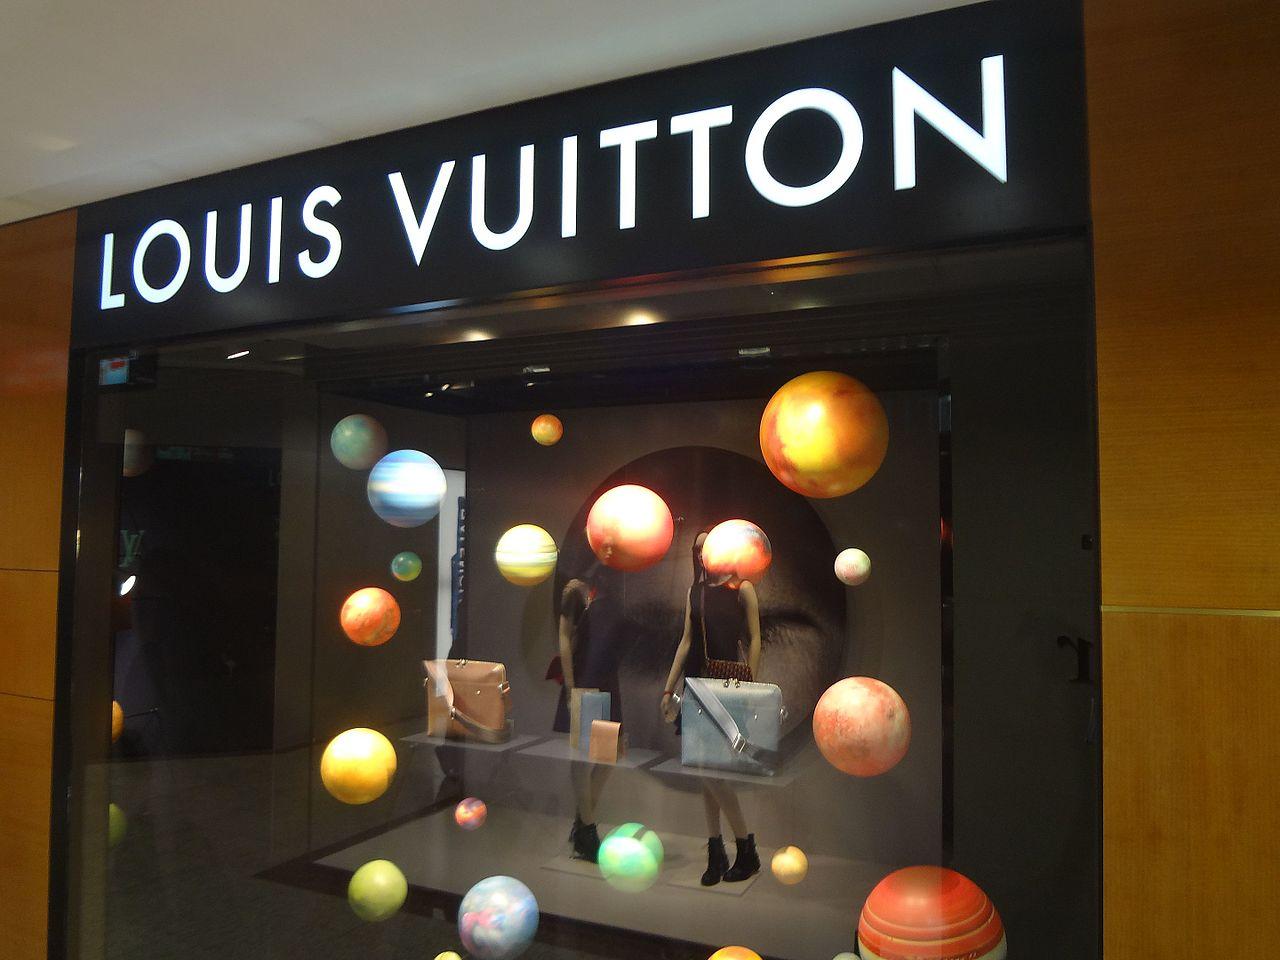 Louis Vuitton wins dismissal of lawsuit against 'Pooey Puitton'